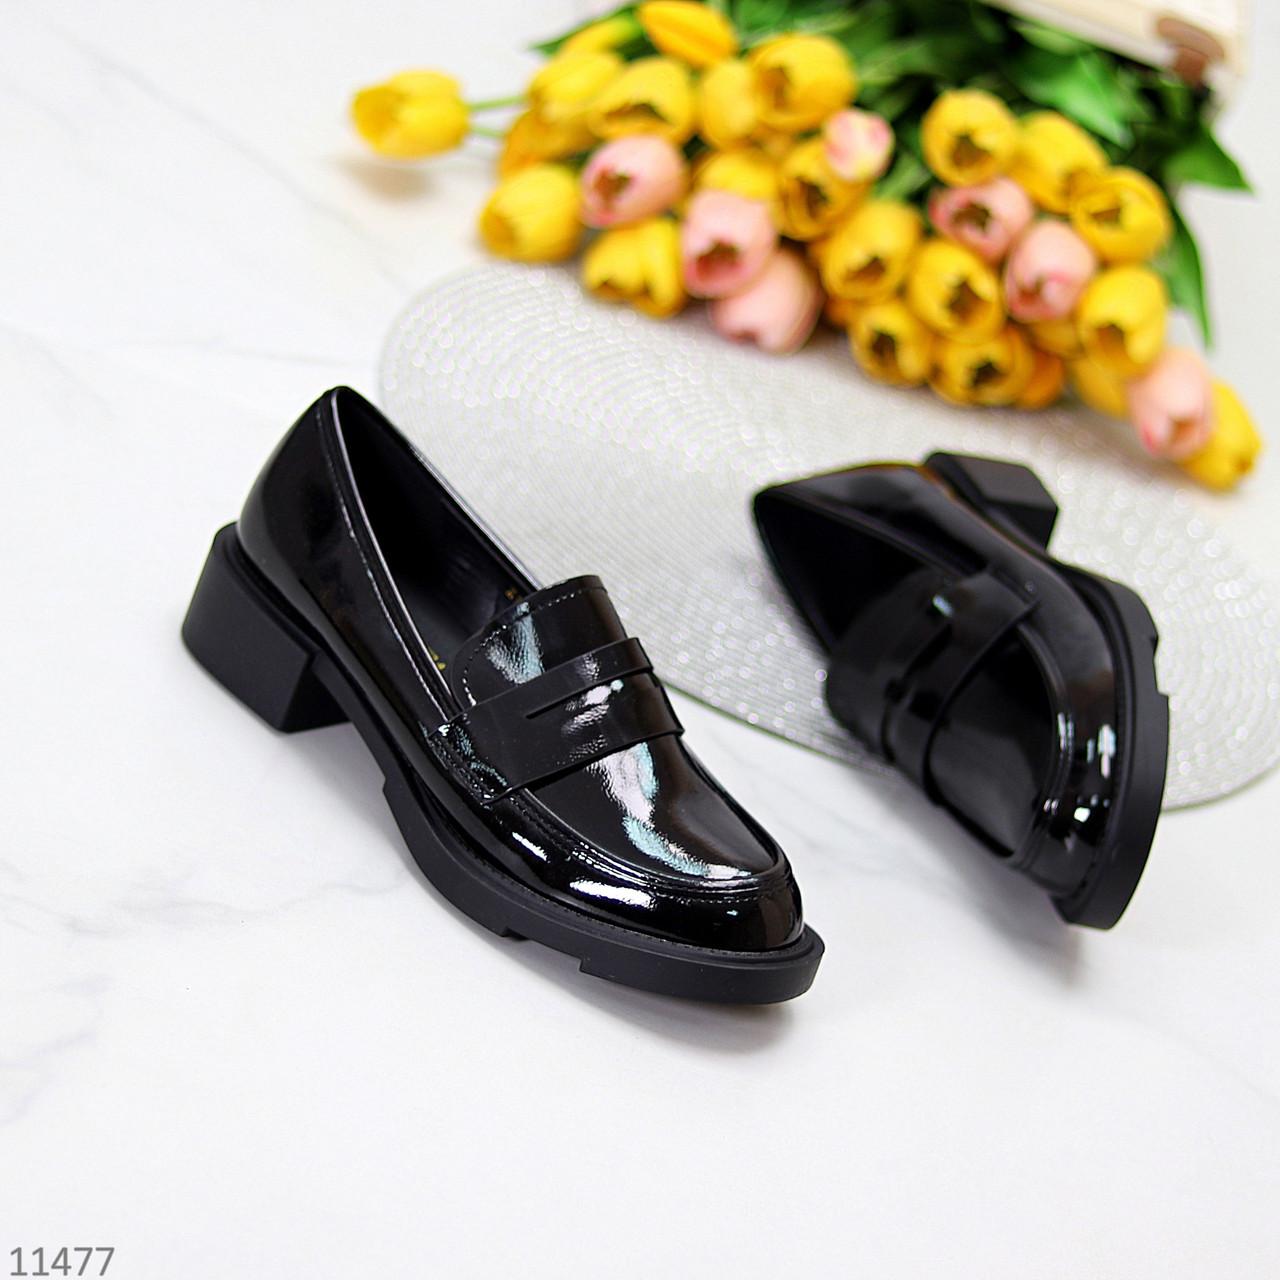 Повсякденні лакові глянцеві чорні жіночі туфлі лофери низький хід